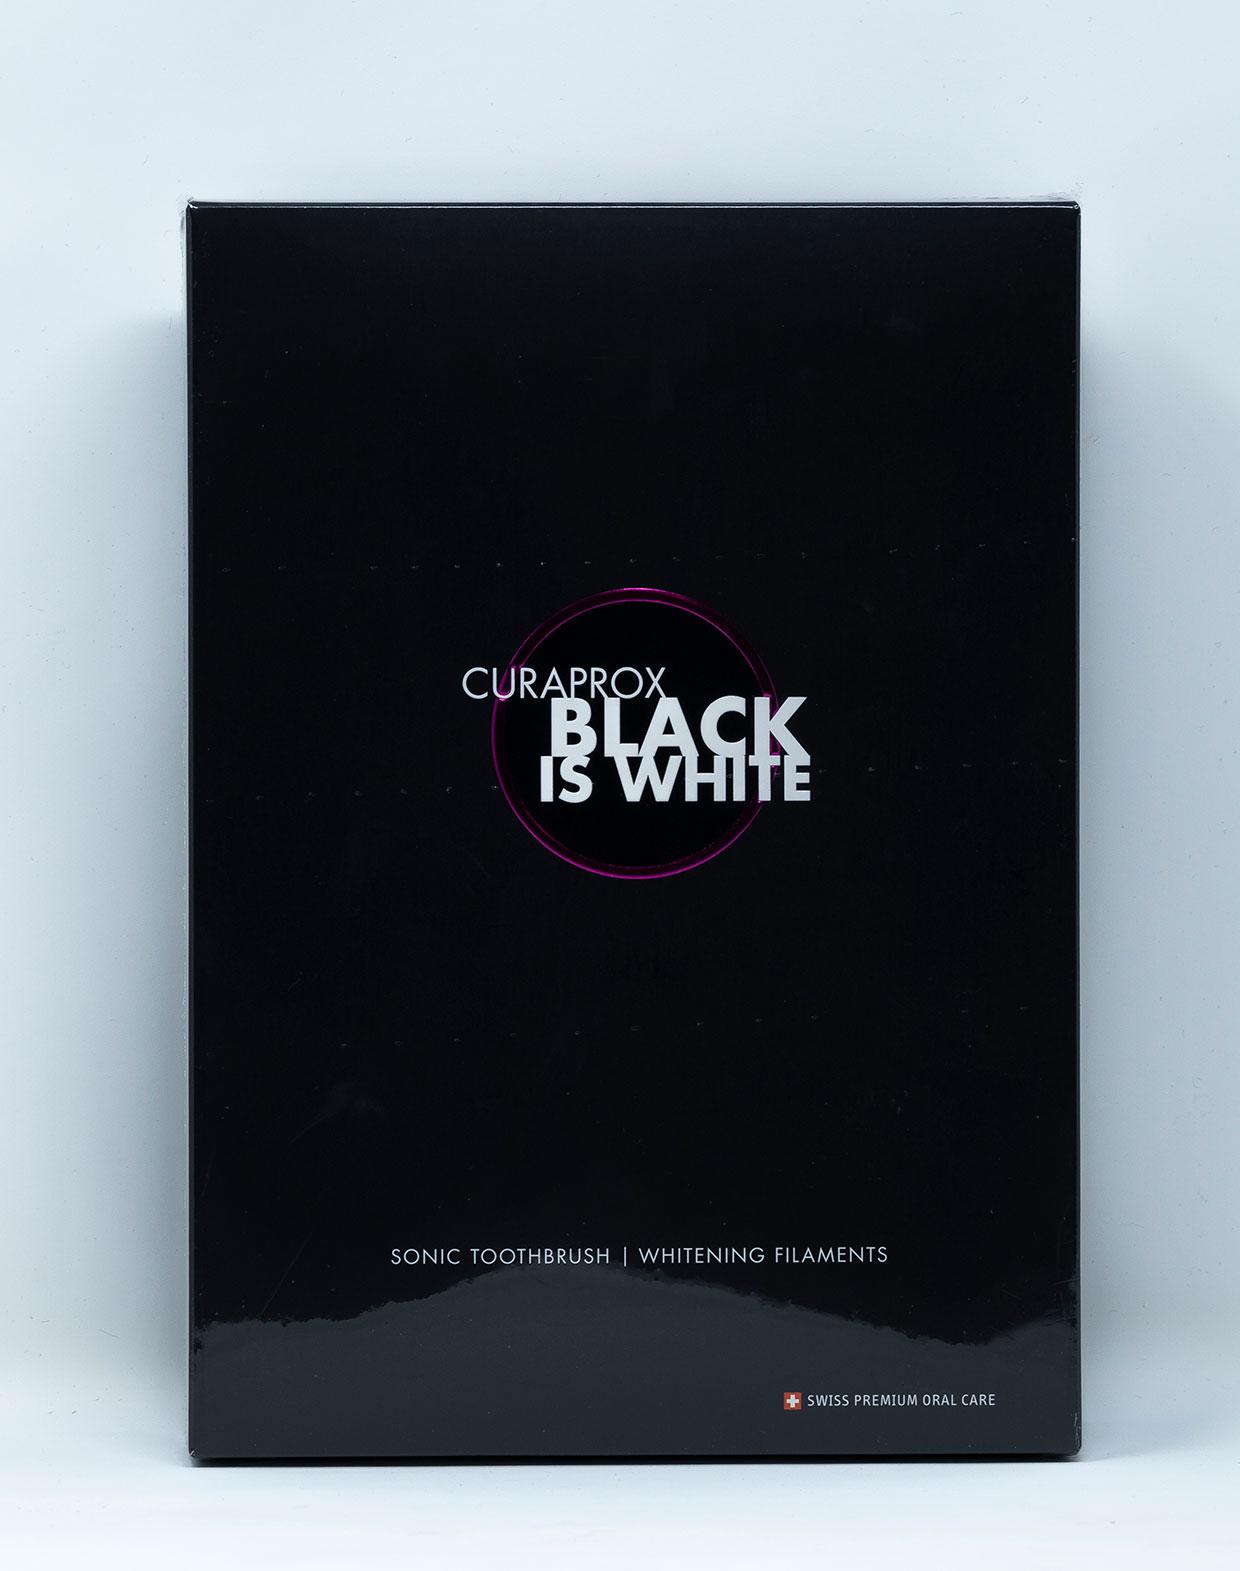 Curaprox Spazzolino Sonico Hydrosonic Black is White